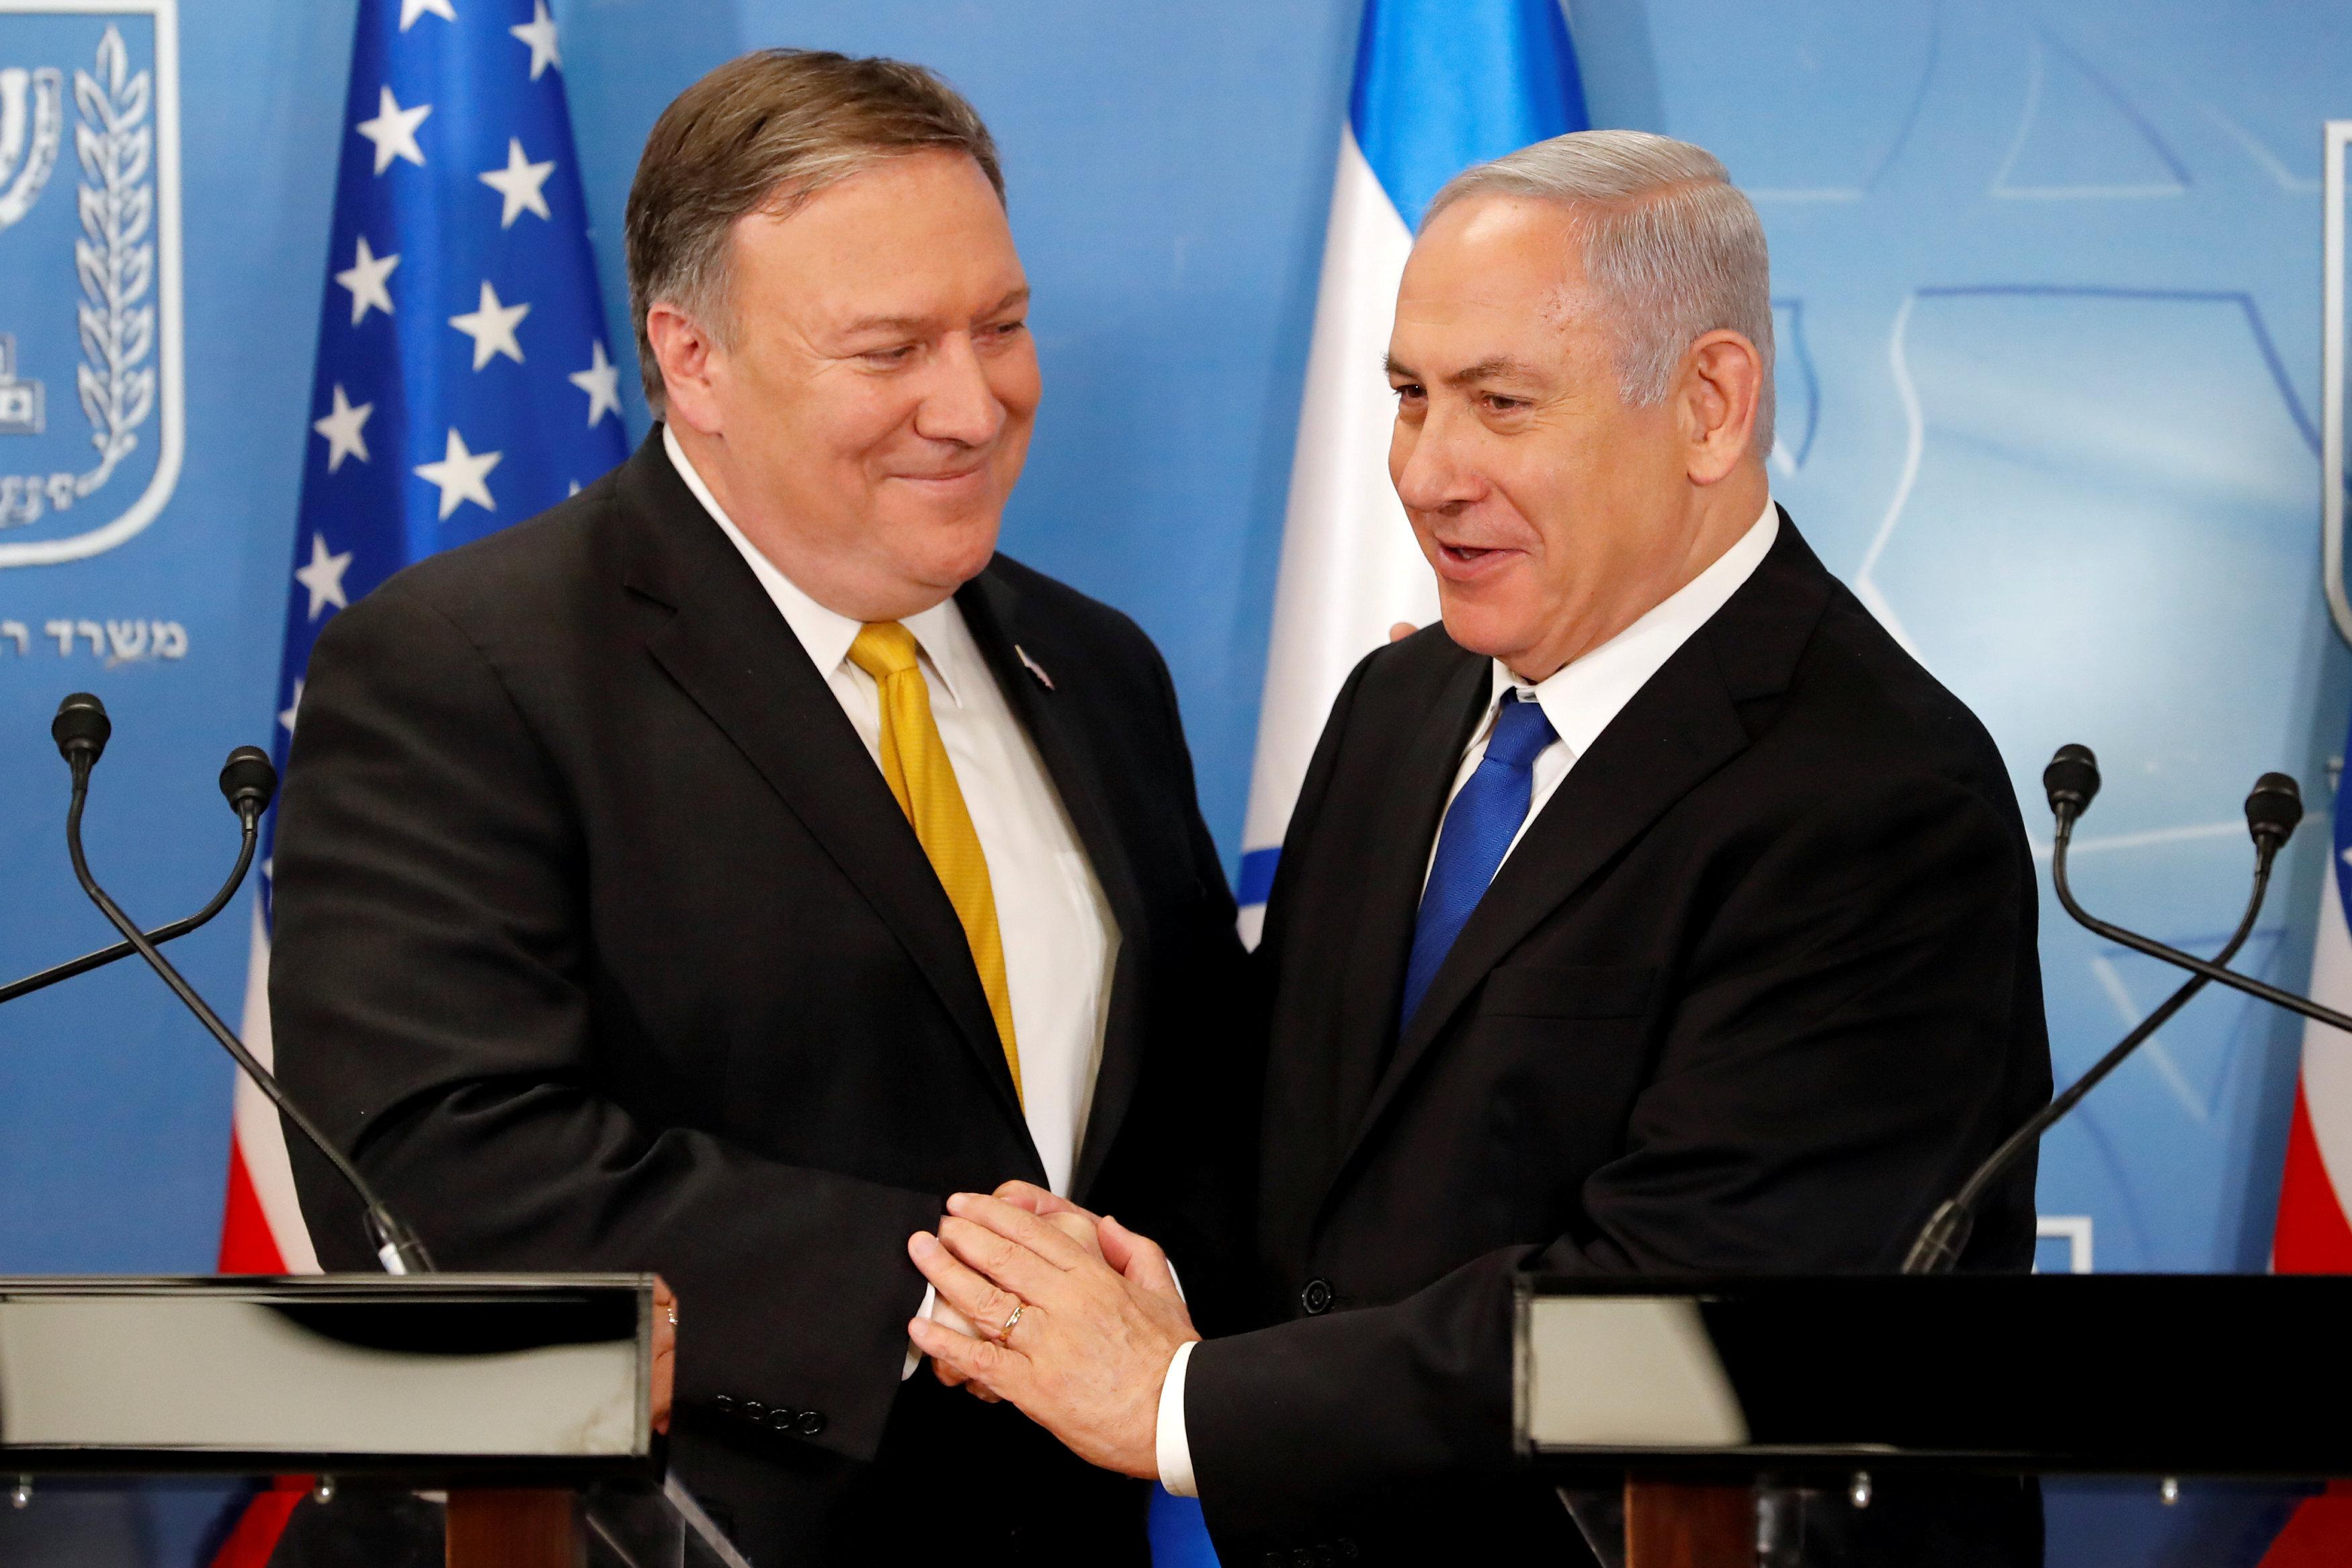 El secretario de Estado de EEUU y el primer ministro israelí Benjamin Netanyahu durante su encuentro este domingo (Thomas Coex/Pool via Reuters)